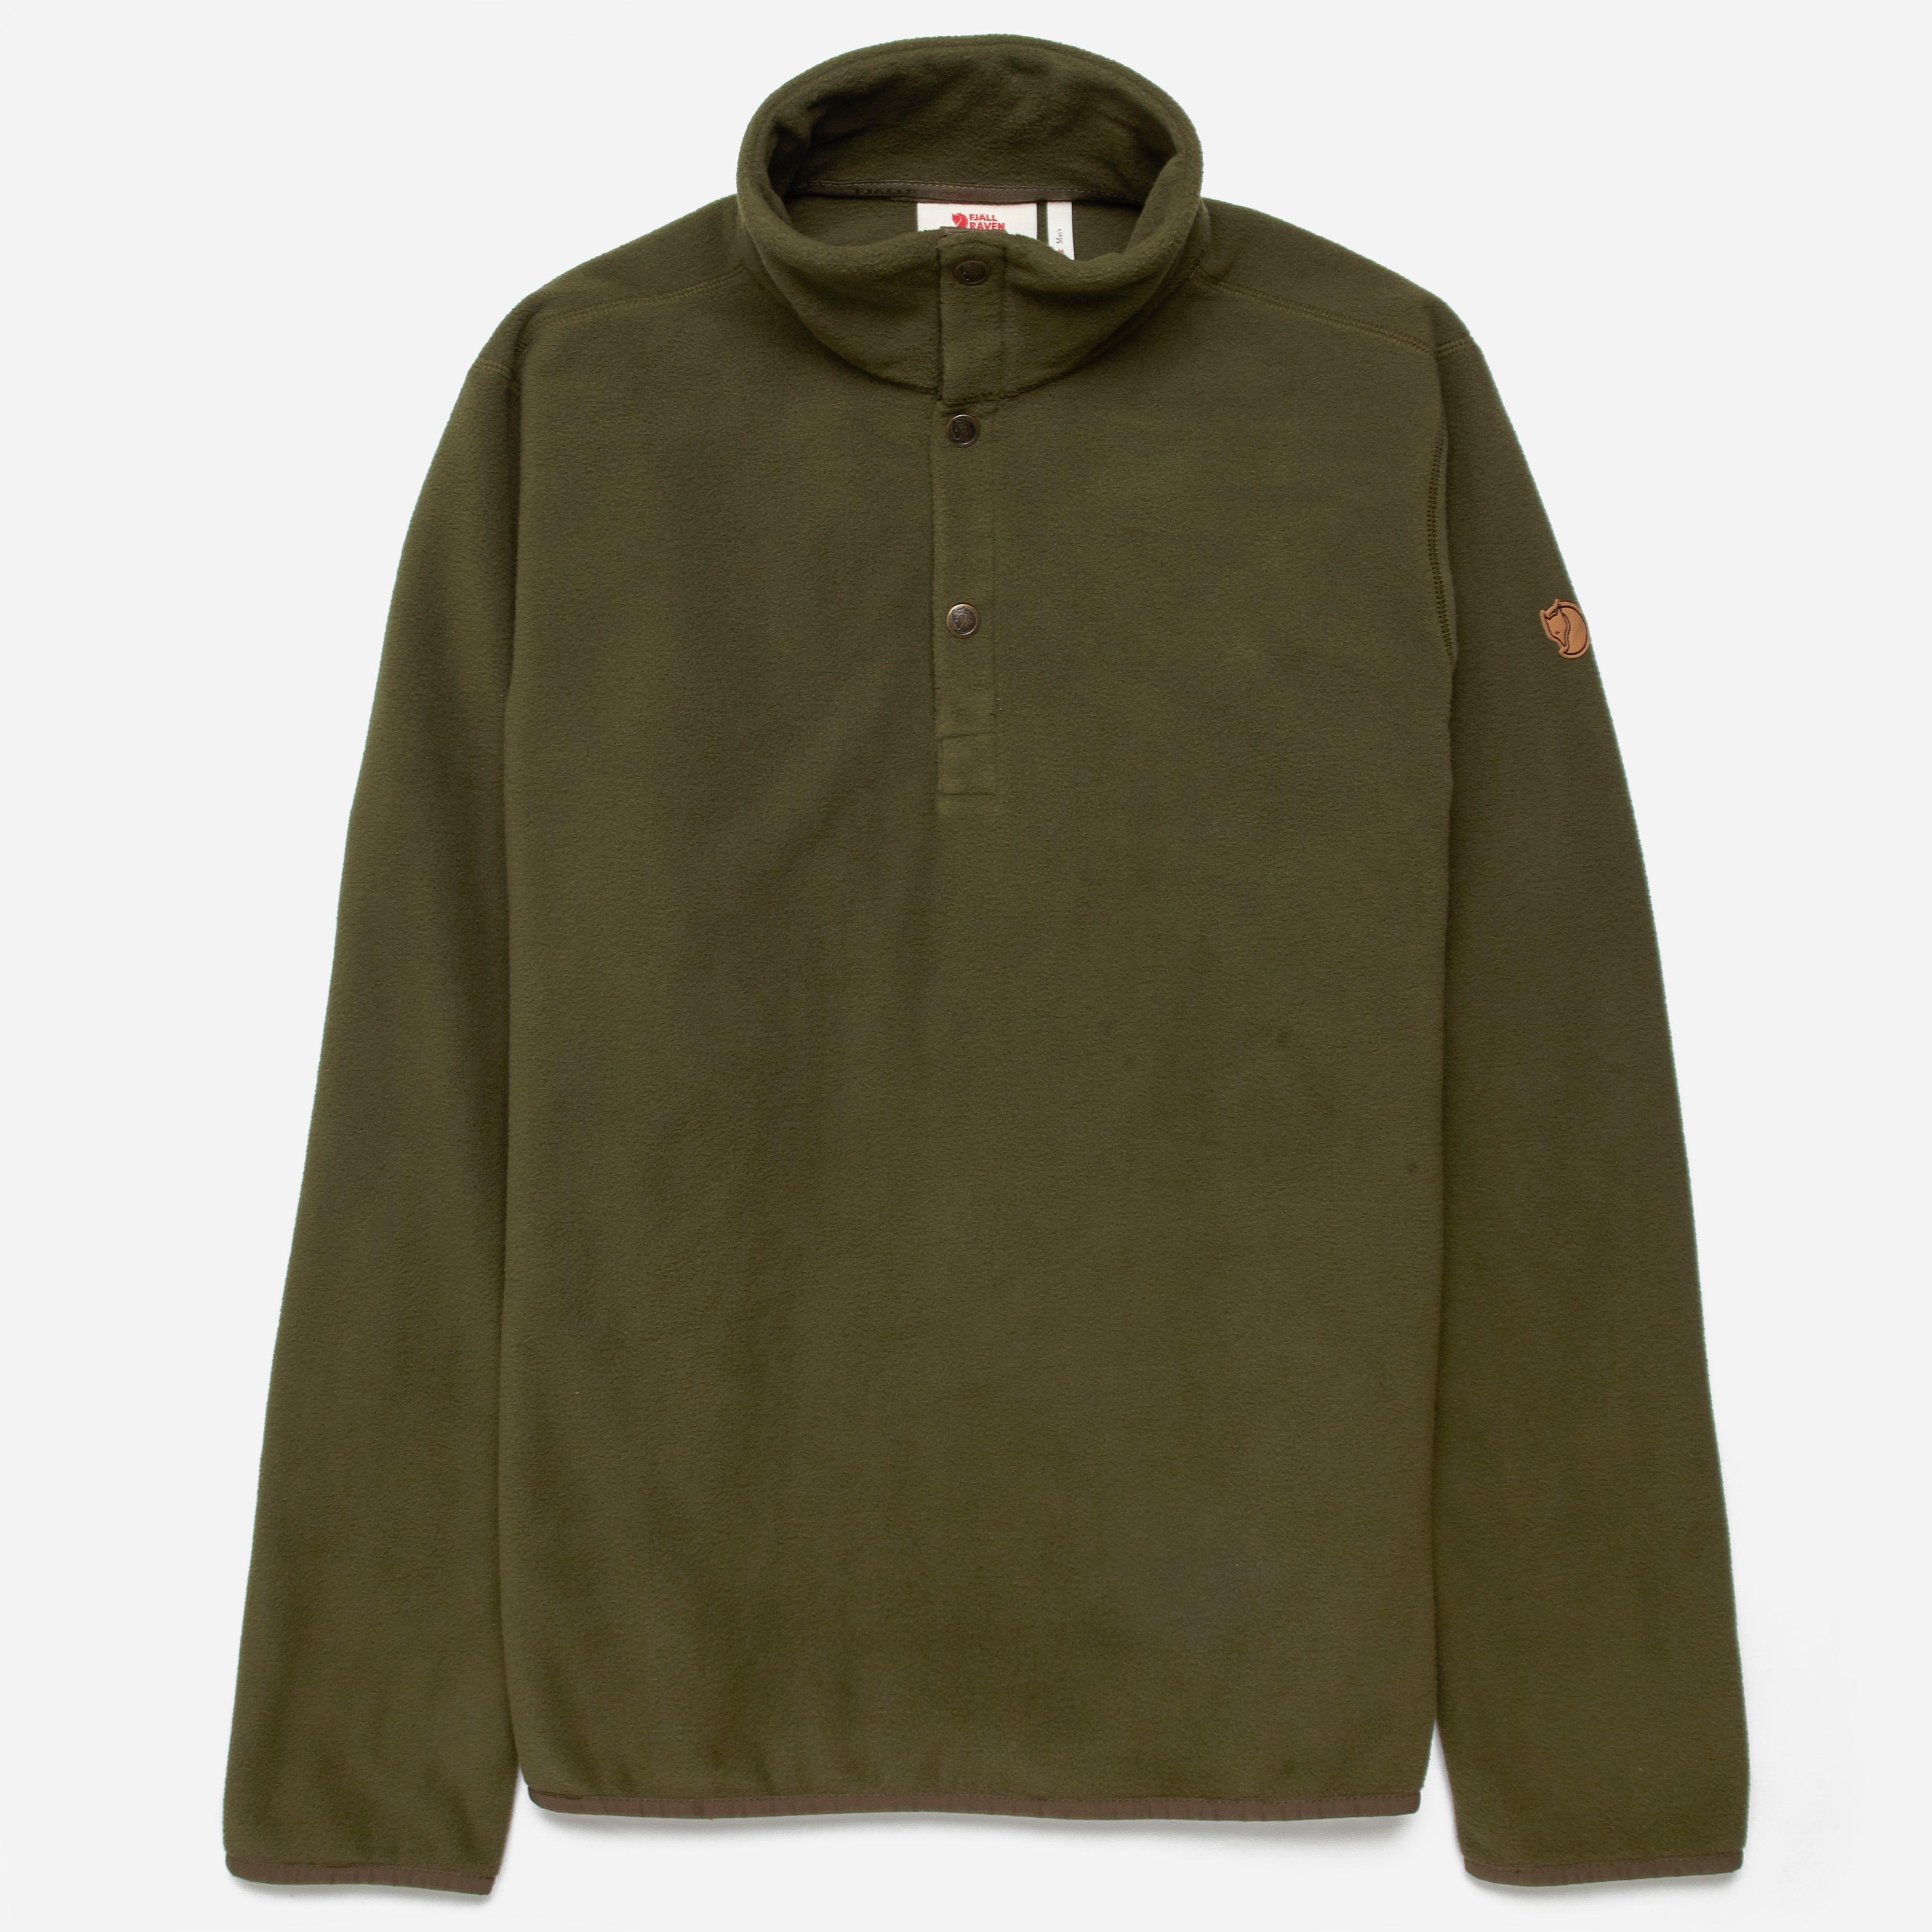 Fjallraven Ovik Fleece Sweater